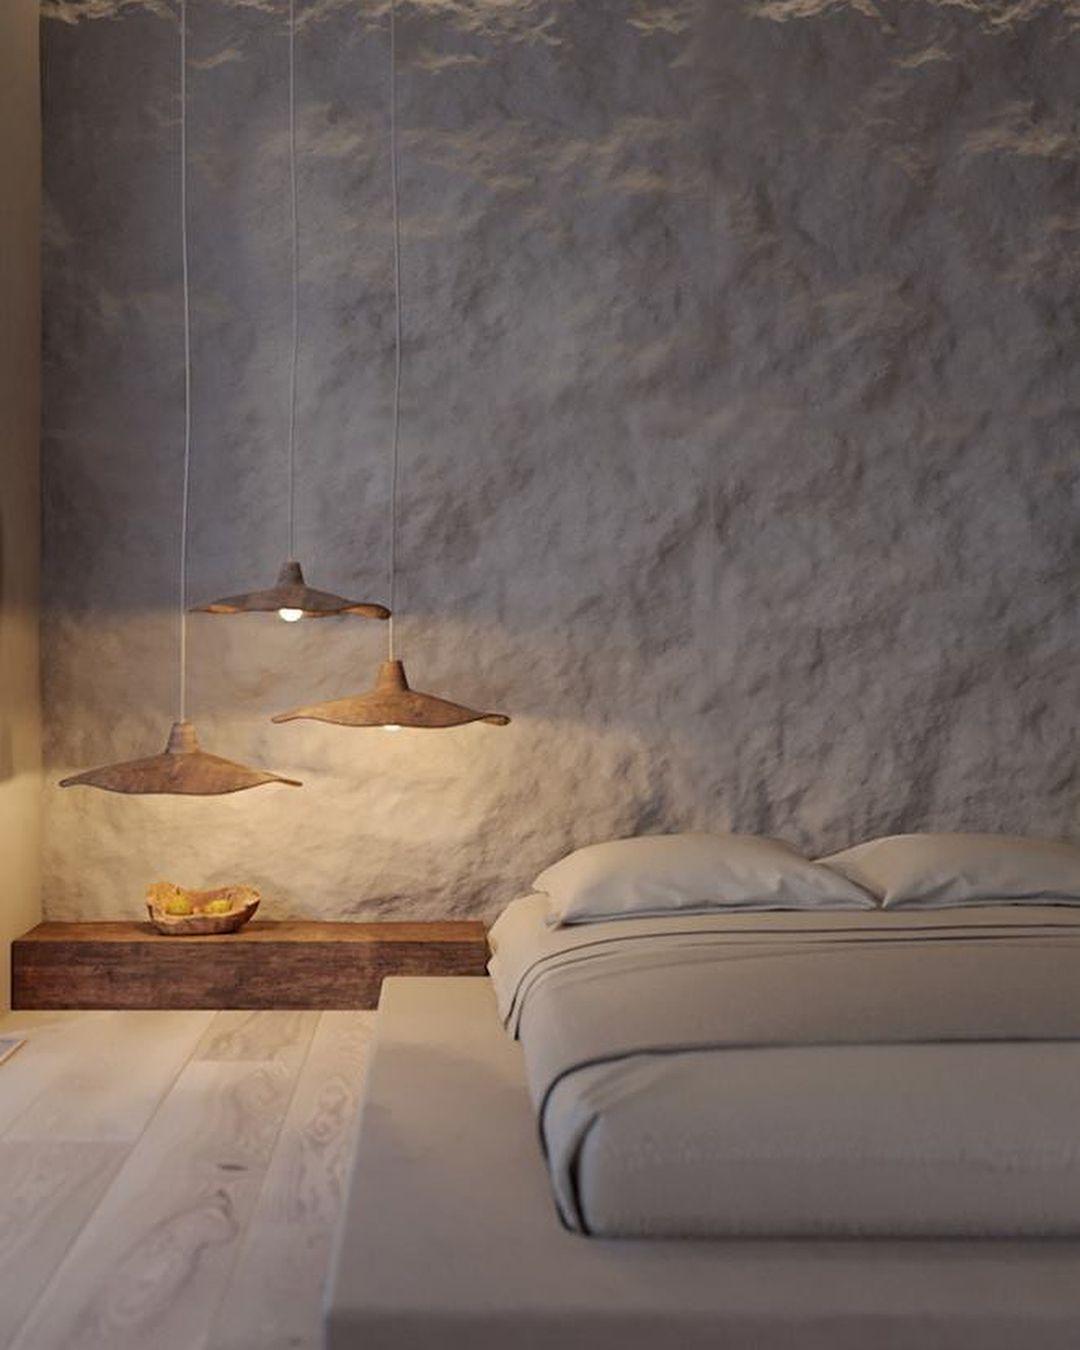 Minimalist Bedroom Blue Teal Country Minimalist Decor